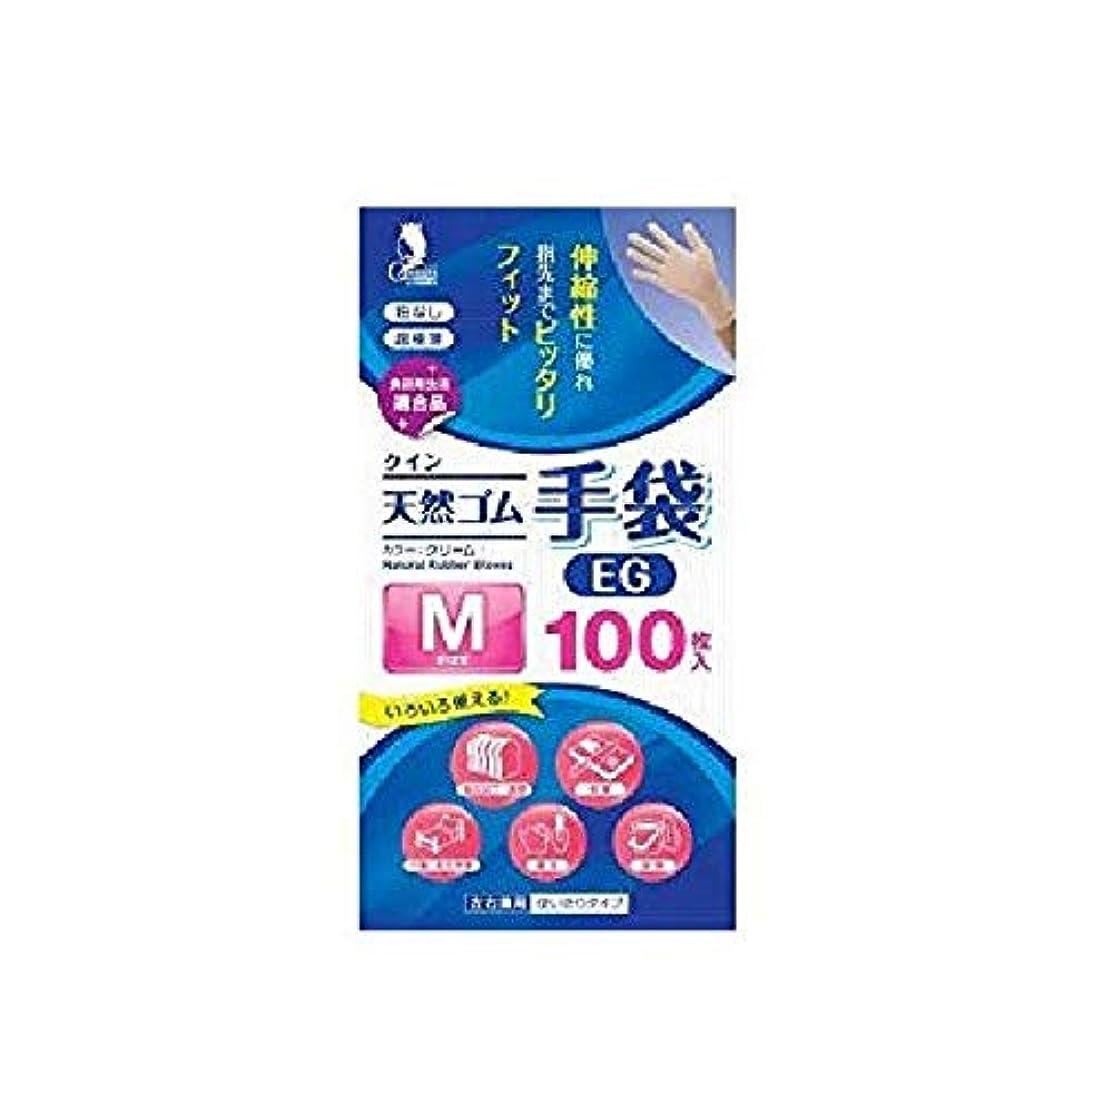 ラオス人変わるジャム宇都宮製作 クイン 天然ゴム手袋 EG 粉なし 100枚入 Mサイズ